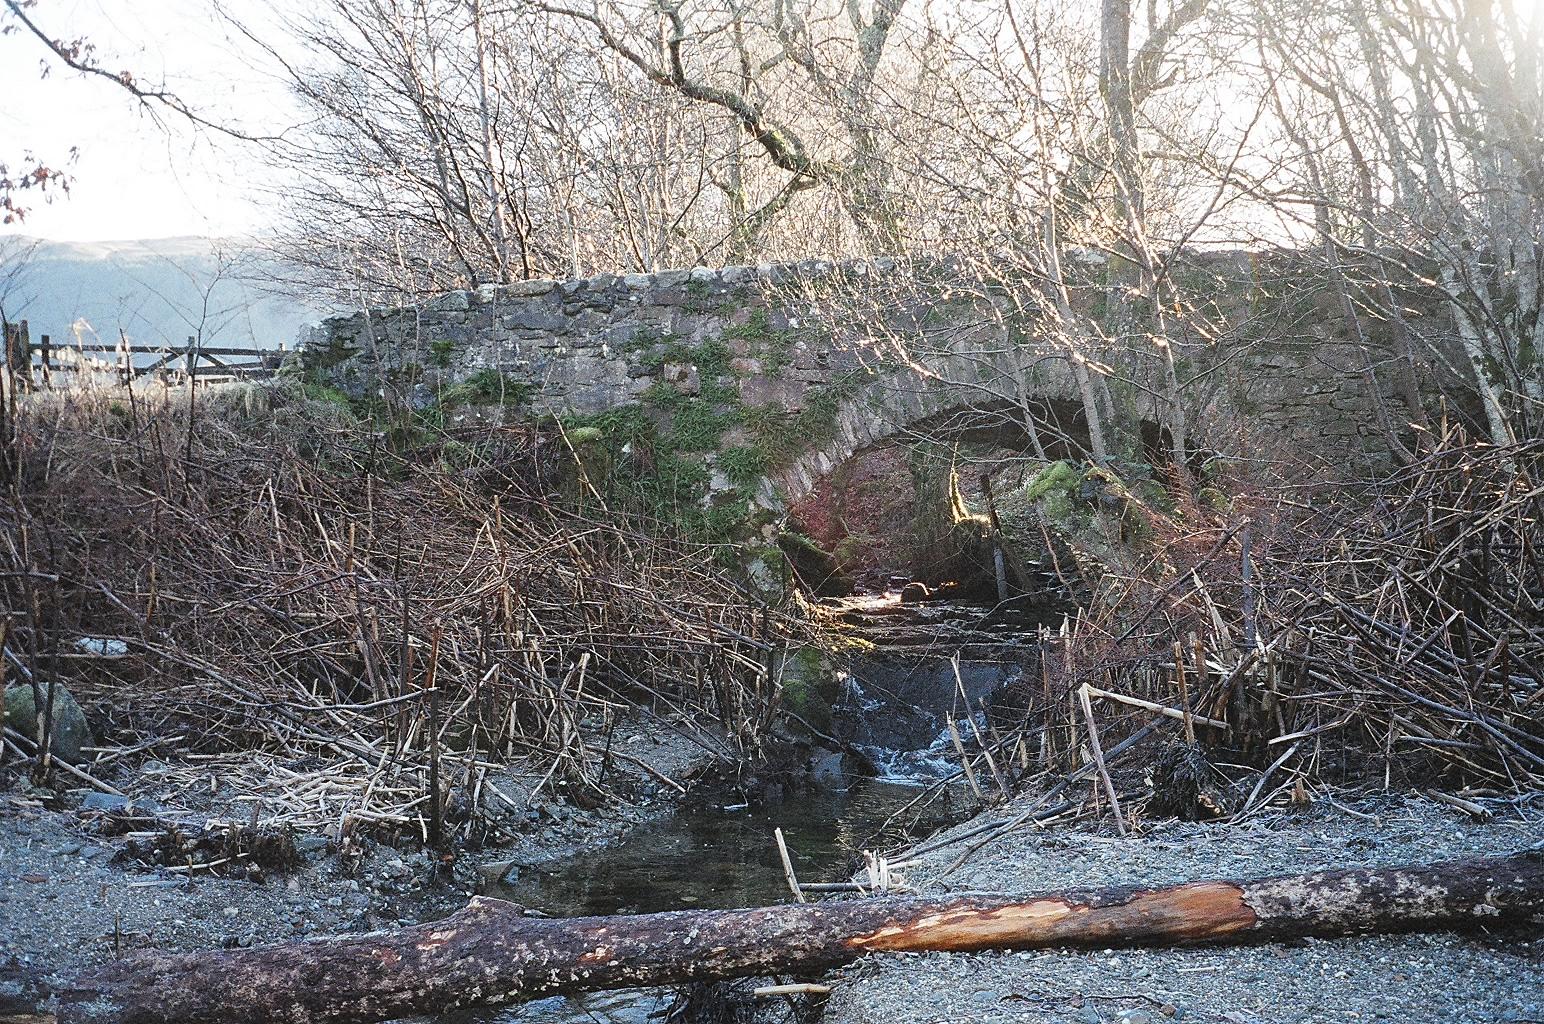 The Witches Bridge